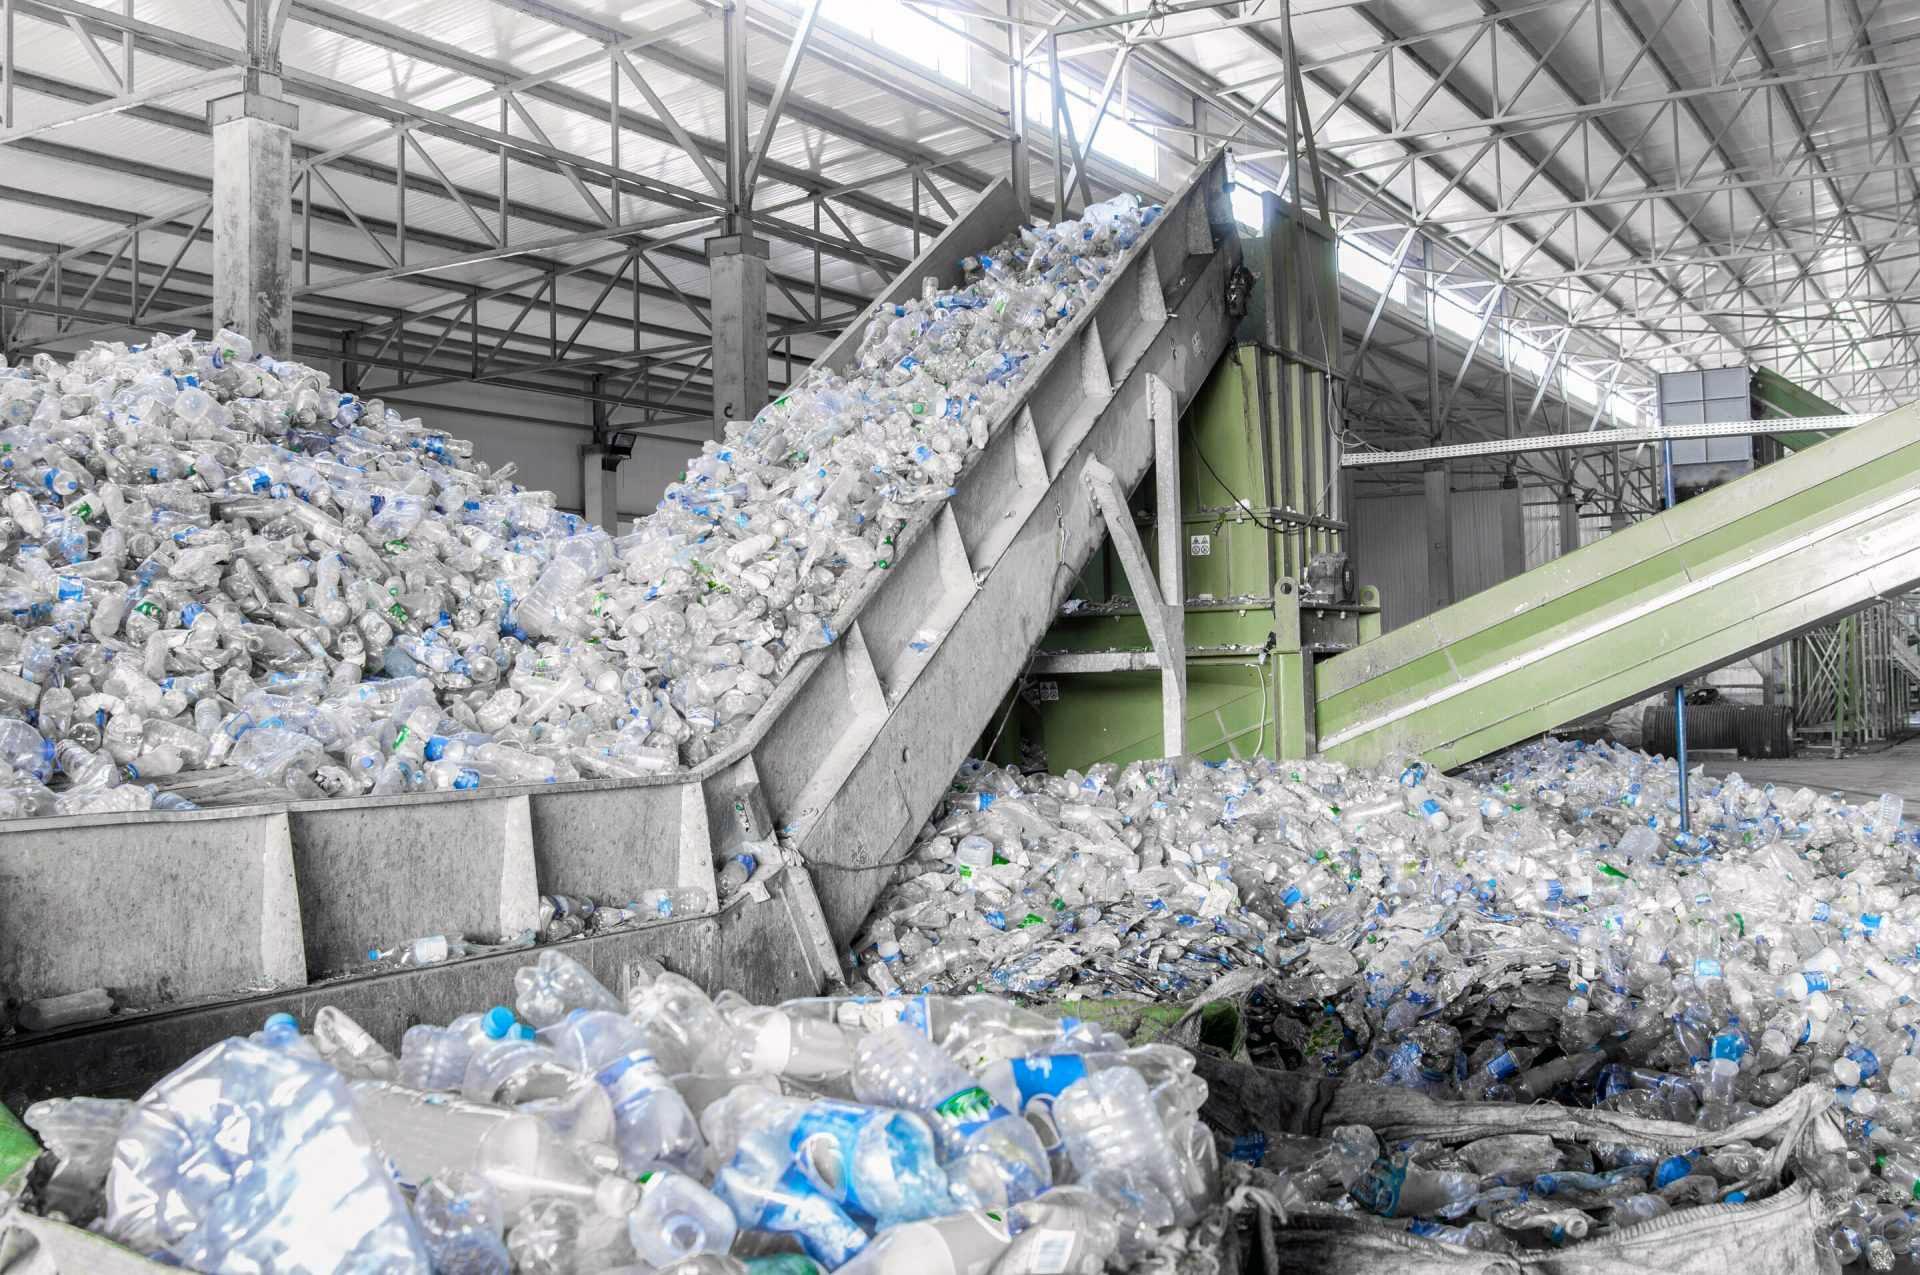 Плюсы и минусы открытия мусороперерабатывающих заводов